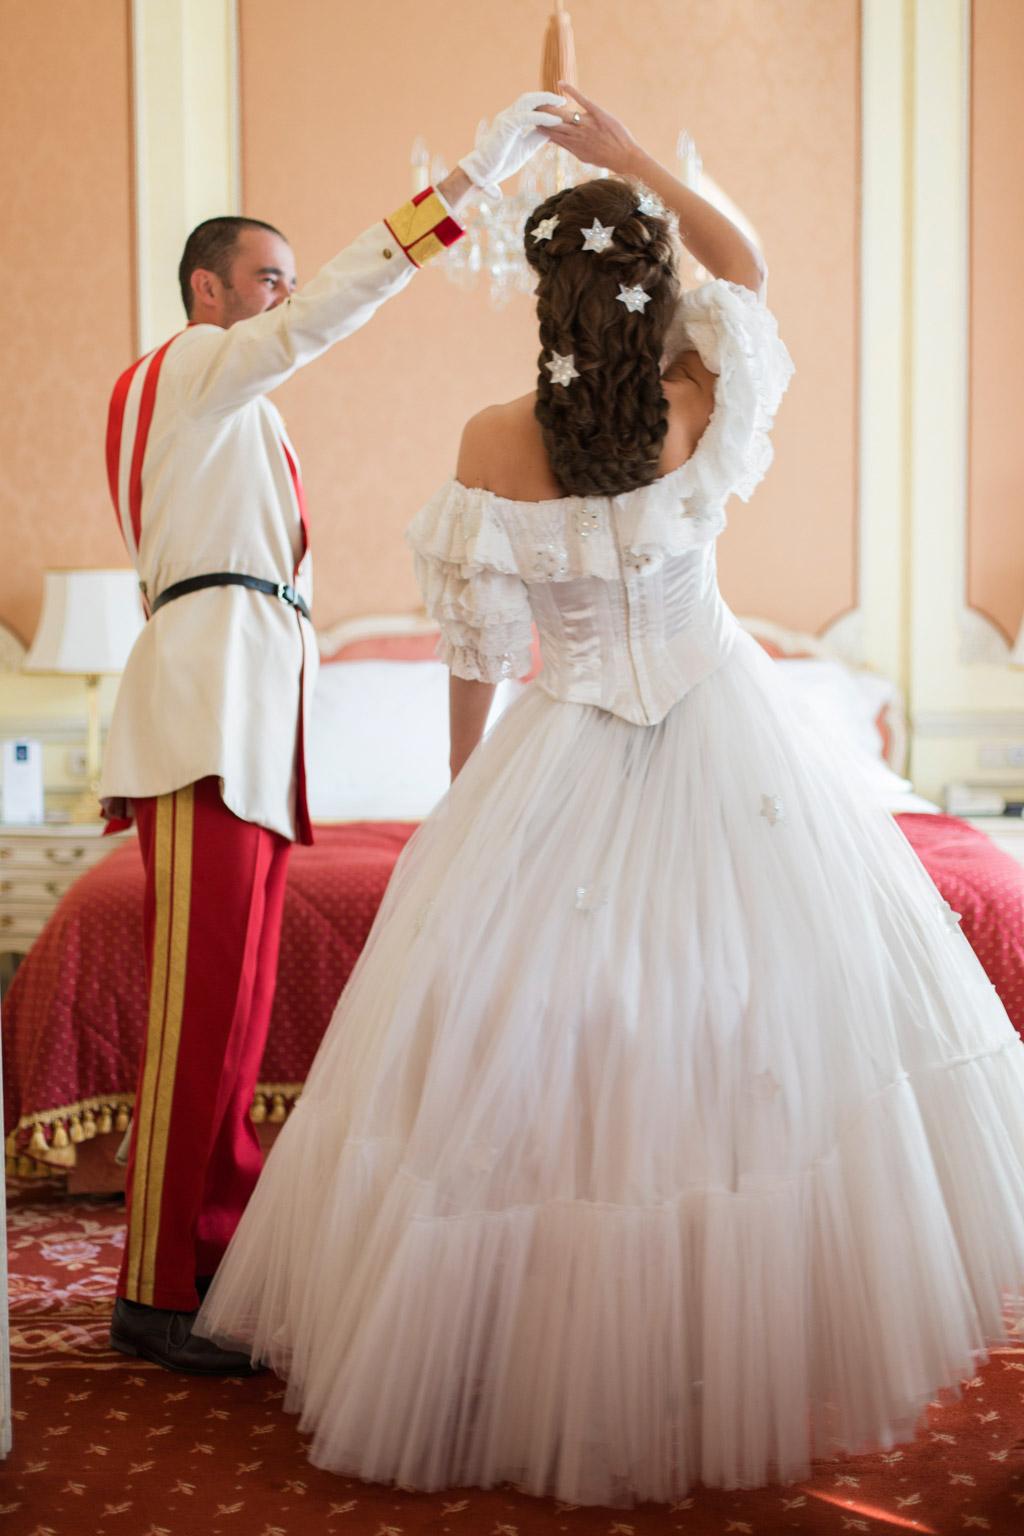 surprise-birthday-wedding-anniversary-themed-shooting-hotel-imperial-schloss-belvedere-vienna-austria-melanie-nedelko-photography-sissi-franz (14).JPG